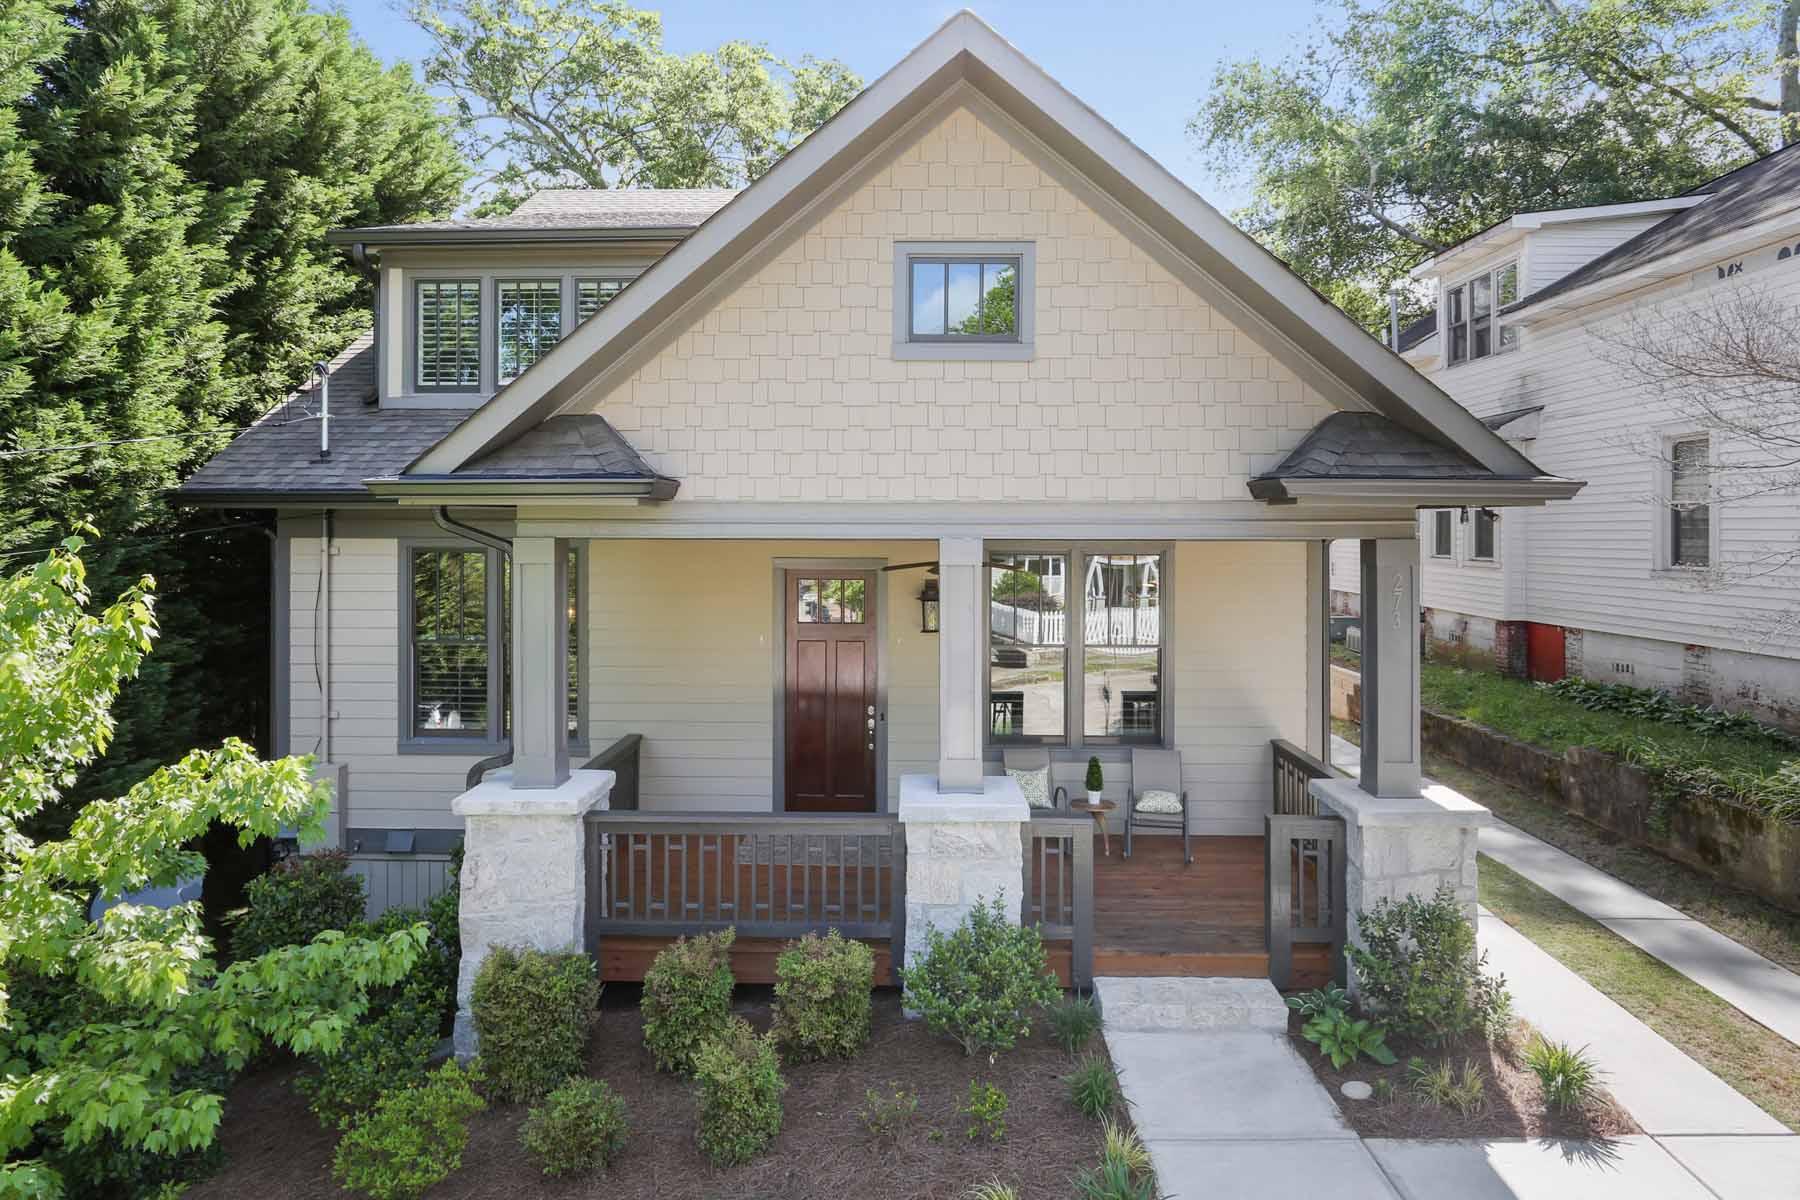 Частный односемейный дом для того Продажа на Gorgeous Lake Claire Craftsman 273 Mathews Avenue NE Lake Claire, Atlanta, Джорджия, 30307 Соединенные Штаты